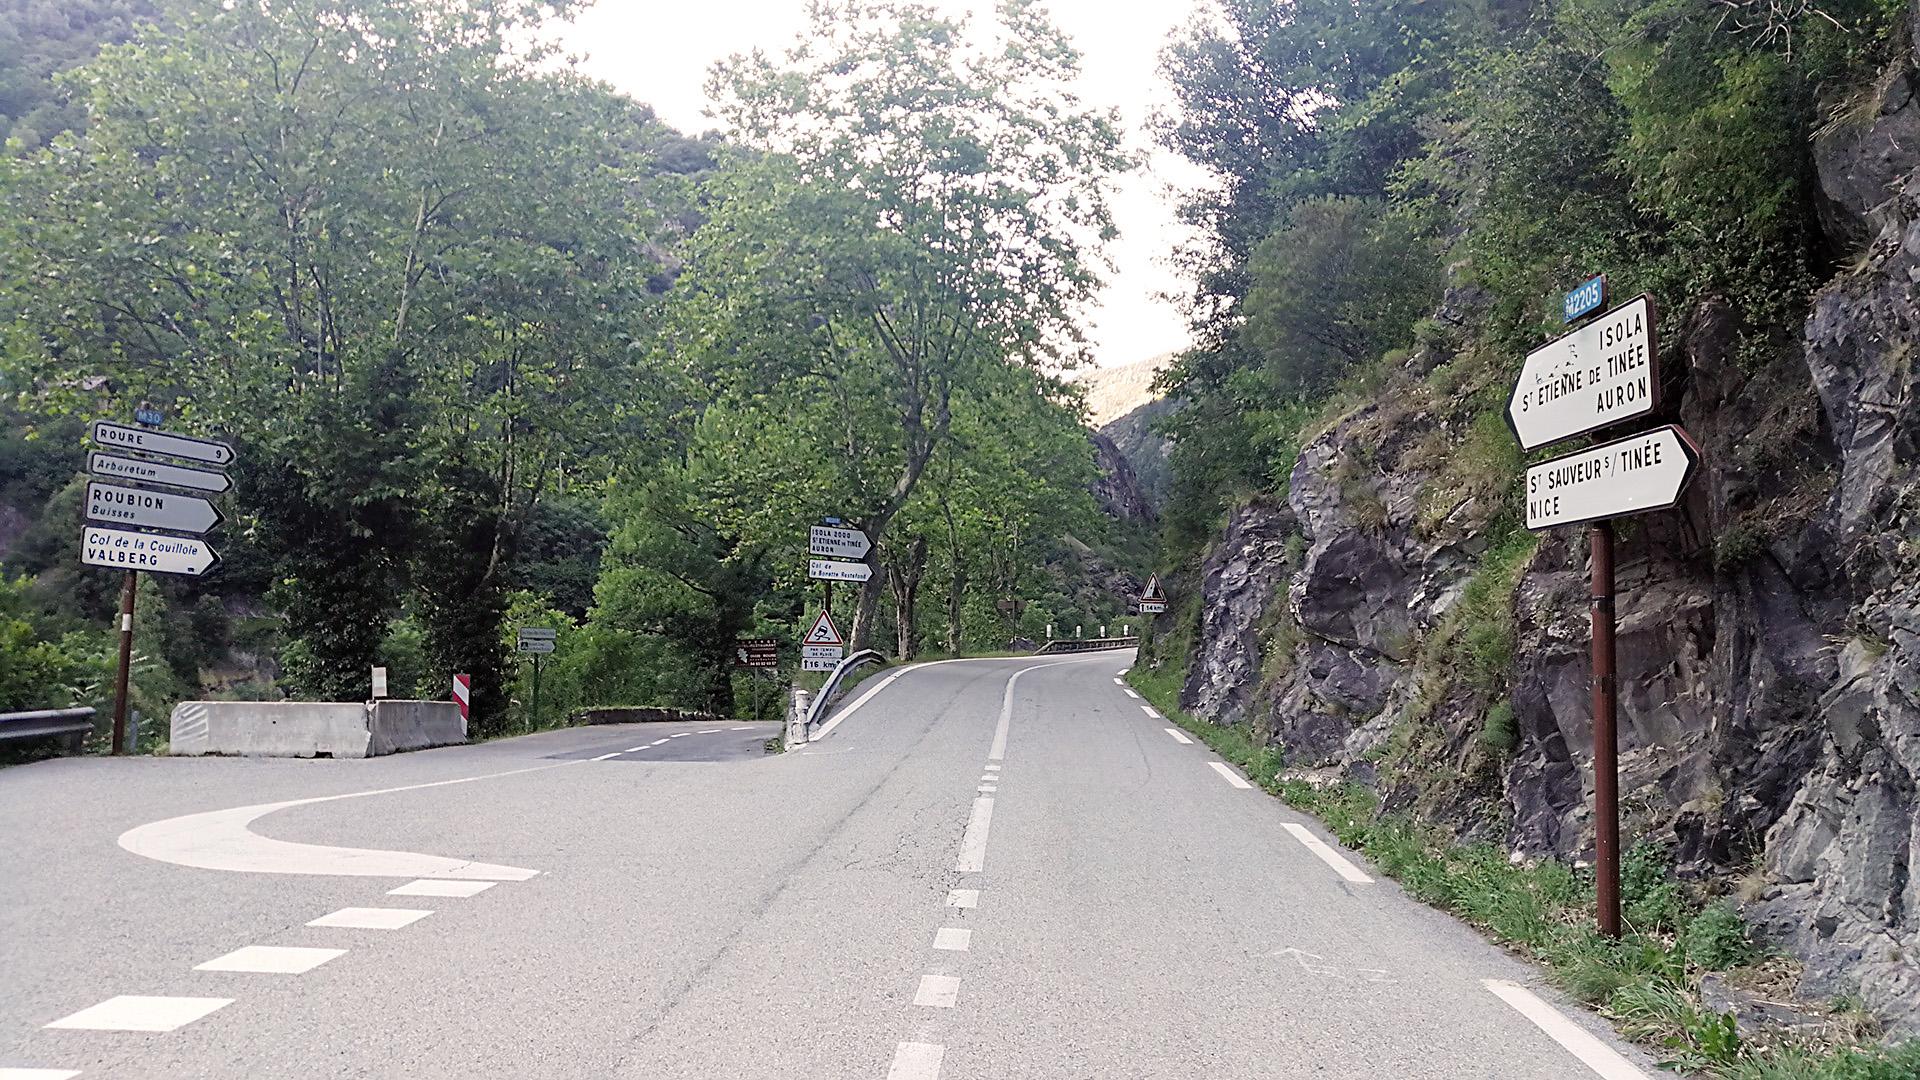 Abzweigung Route des Grandes Alpes in Richtung Nord nach Saint-Sauveur-sur-Tinée © Pässe.Info